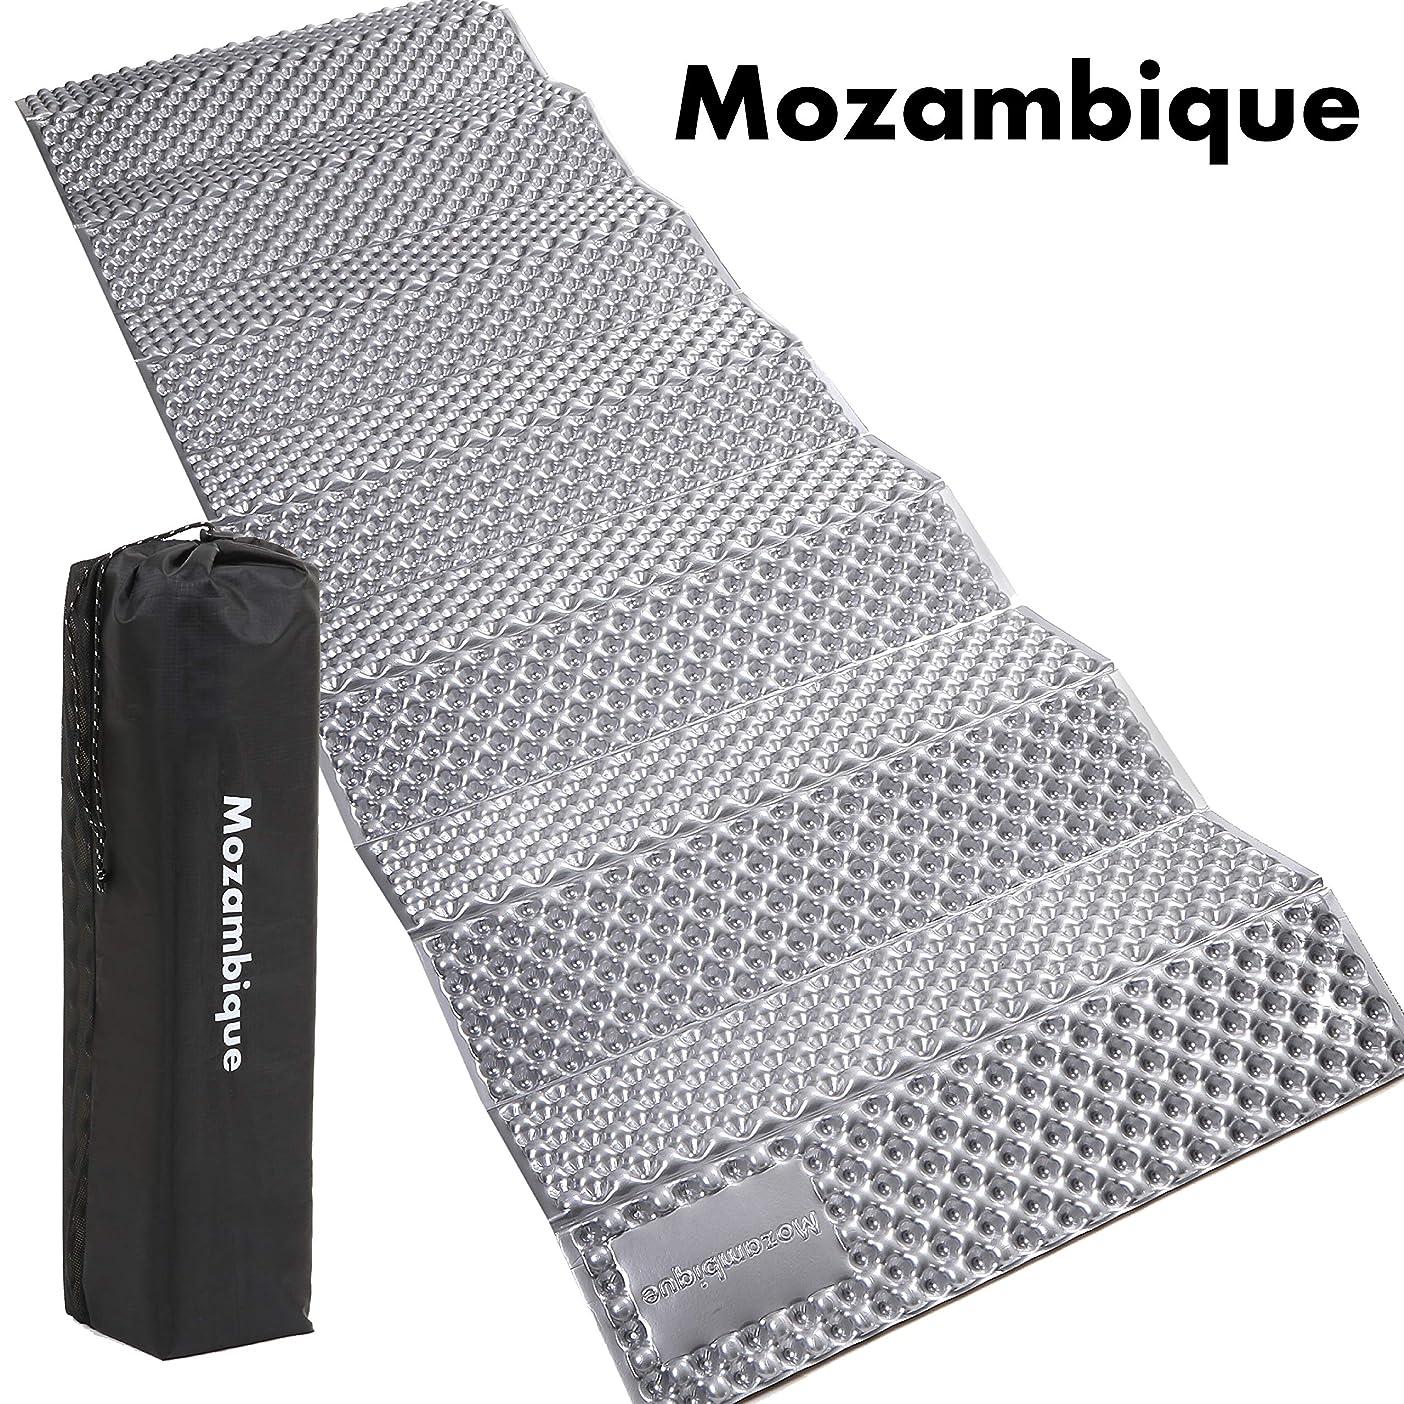 壮大な放映漂流Mozambique(モザンビーク) キャンプ マット アウトドアマット レジャーマット 車中泊 極厚20mm【何年も使える耐久性|1年保証】